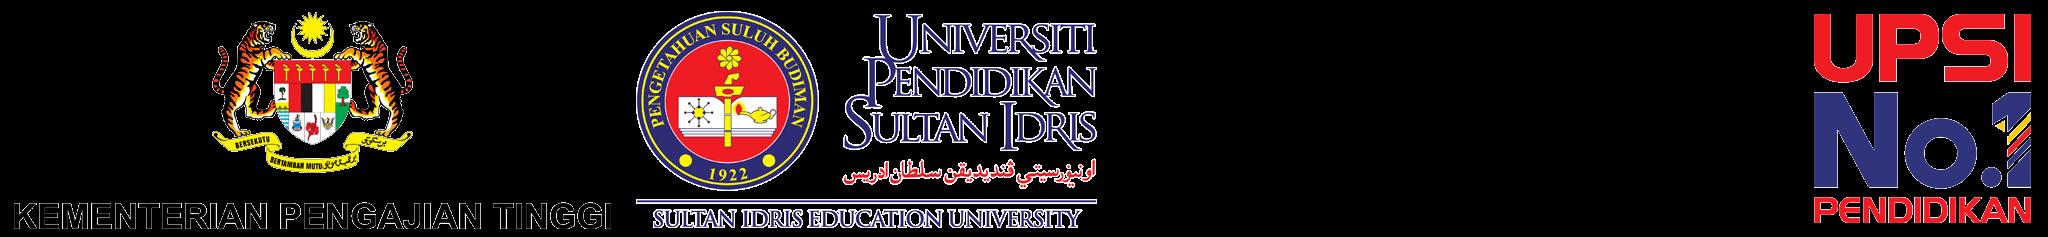 UPSI | Bahagian Sumber Manusia